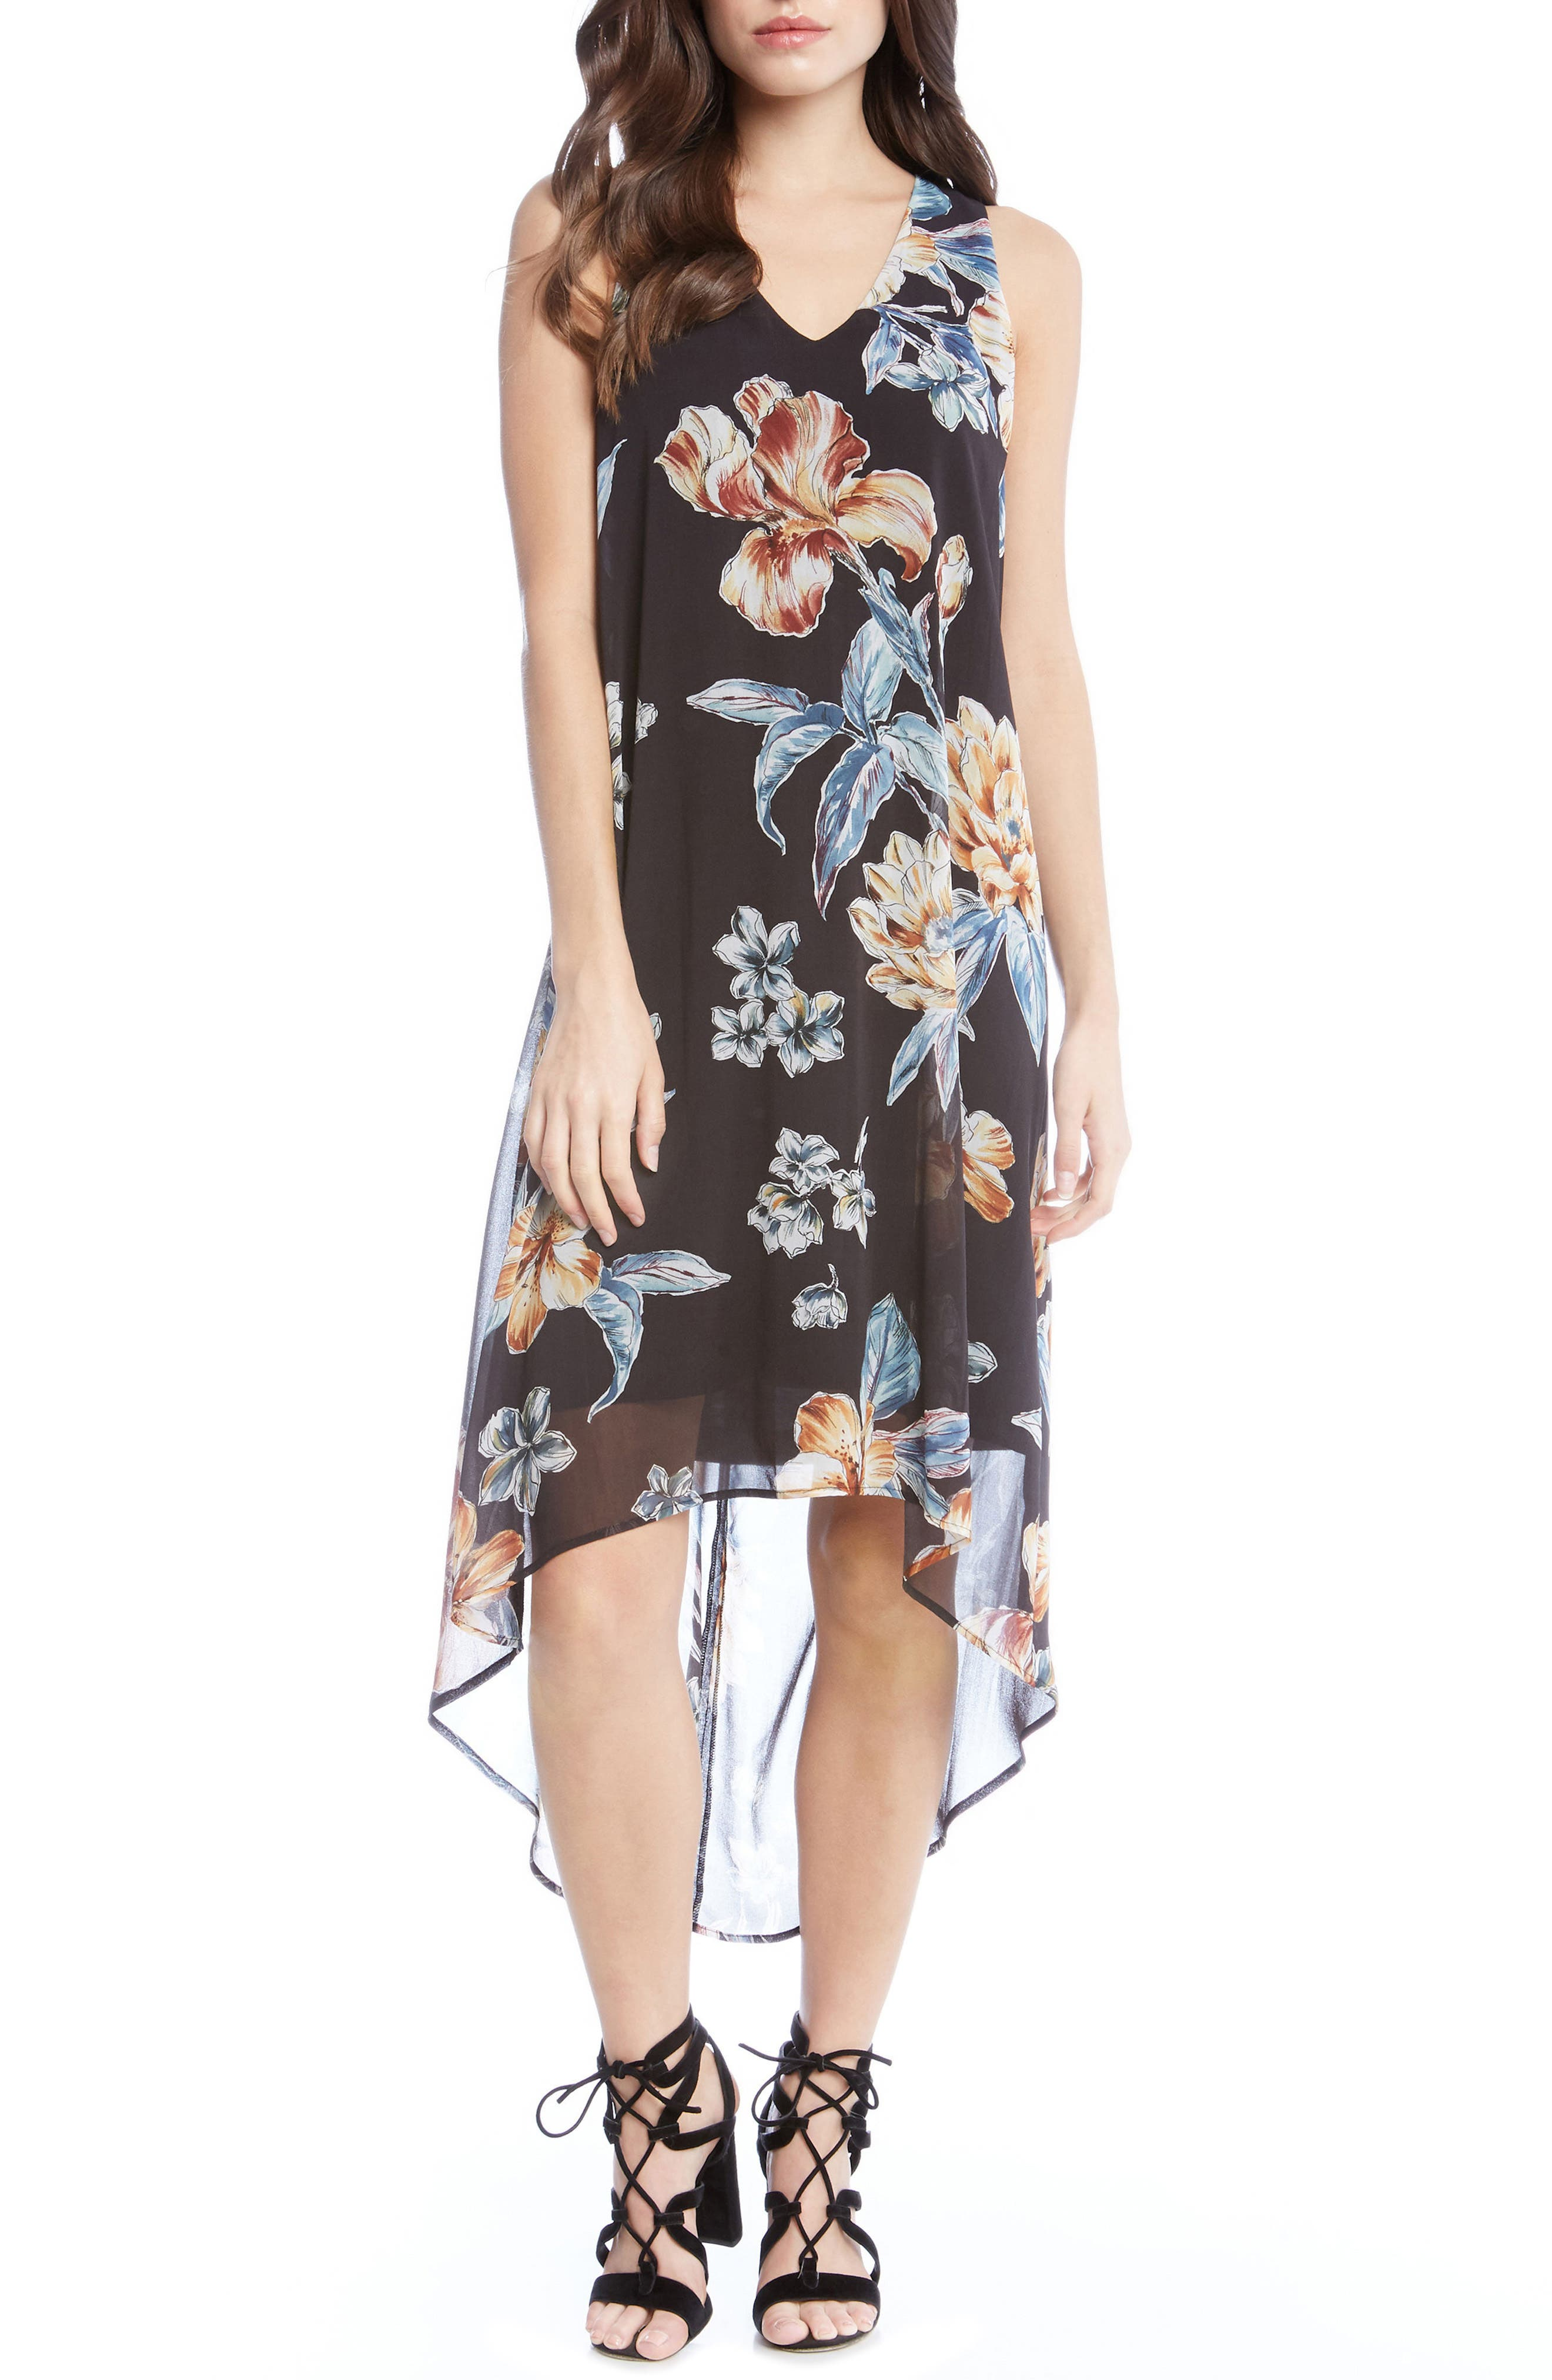 Alternate Image 1 Selected - Karen Kane High/Low Floral A-Line Dress